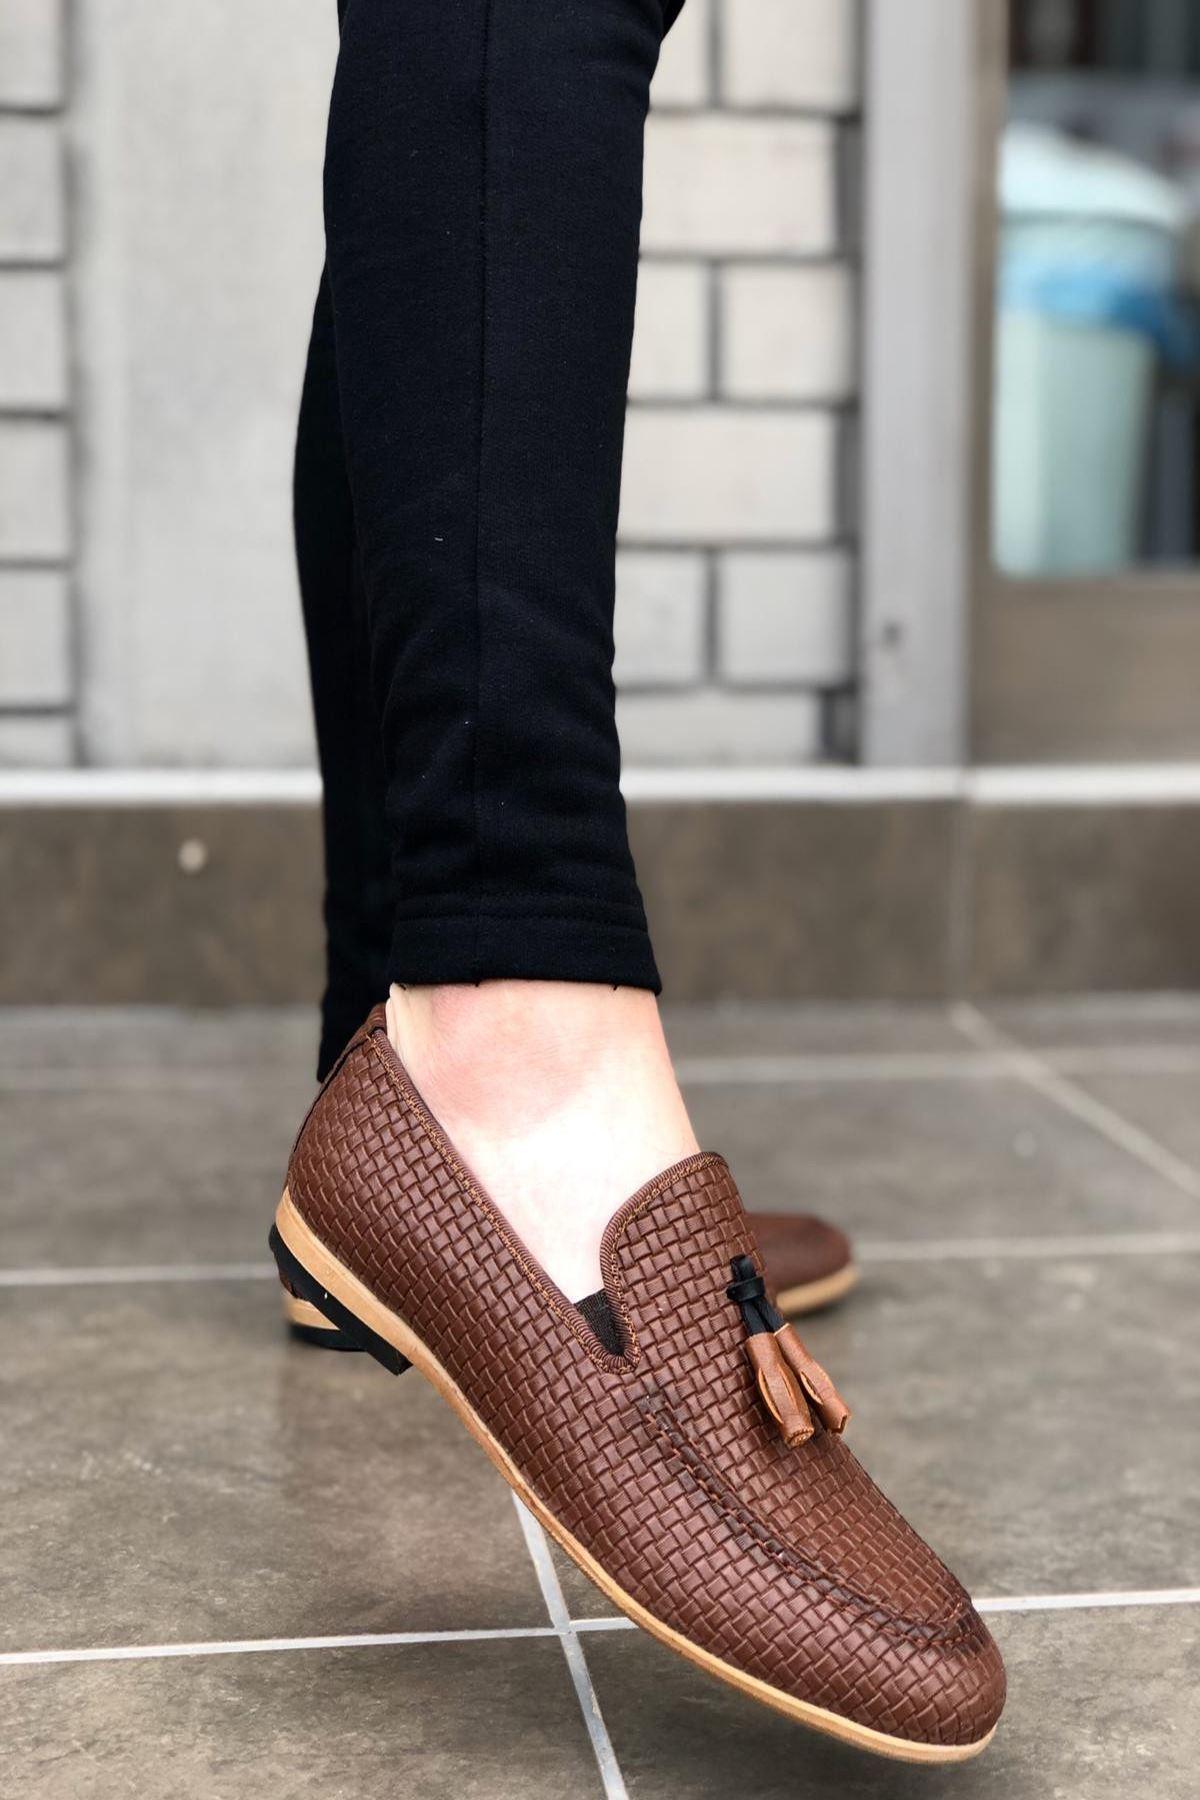 B009 Taba Deri Crock Püsküllü Klasik Ayakkabı